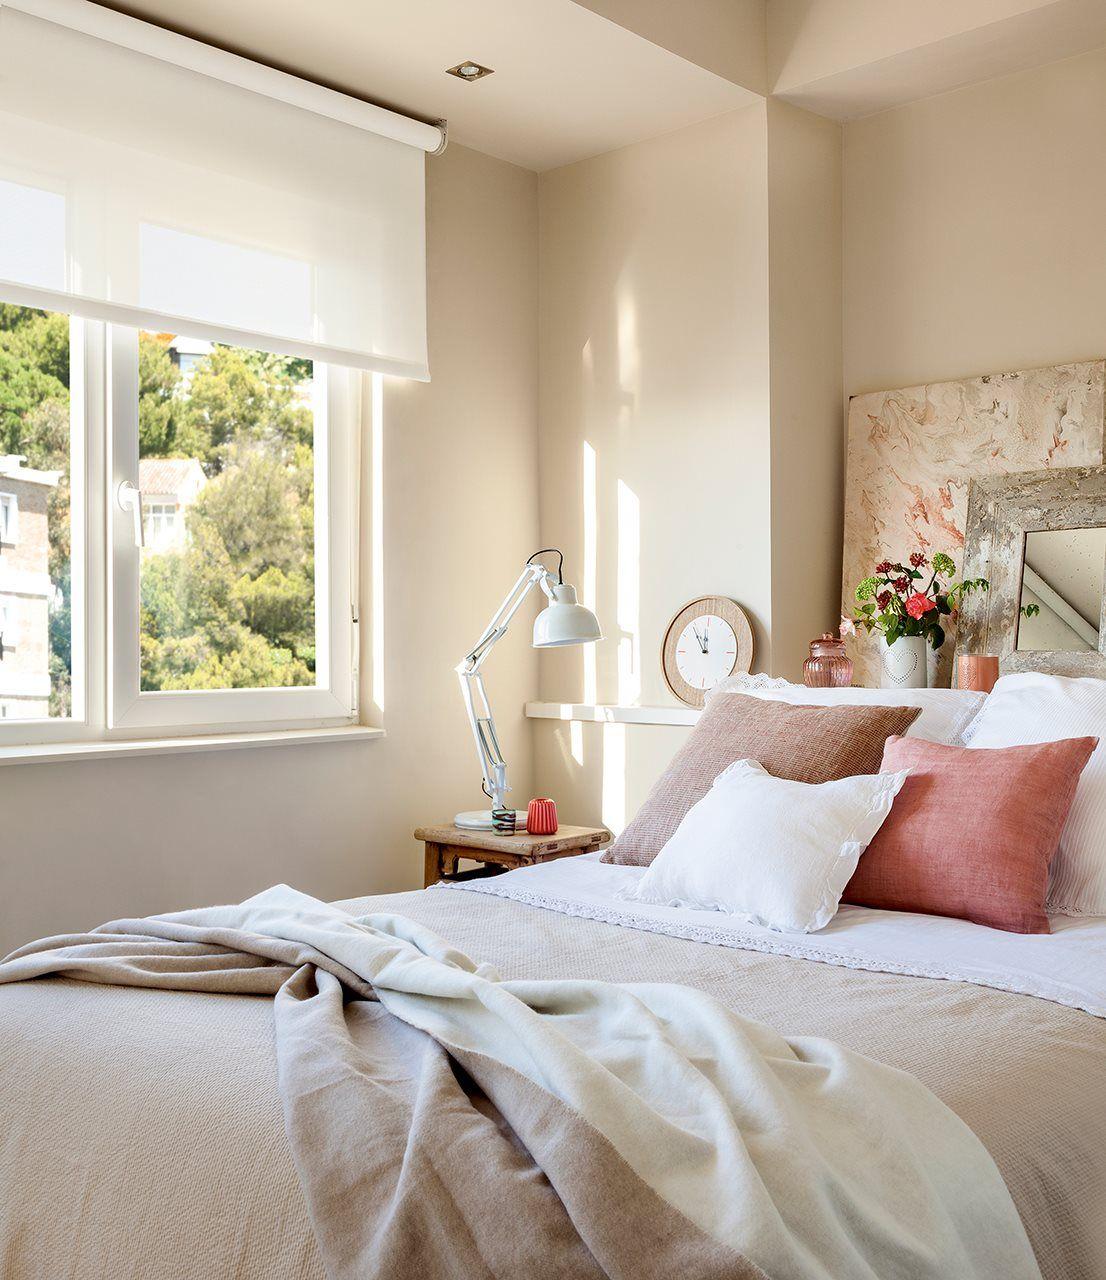 Dormitorio cabecero repisa cama habitaciones decoracion for Pinterest decoracion dormitorios